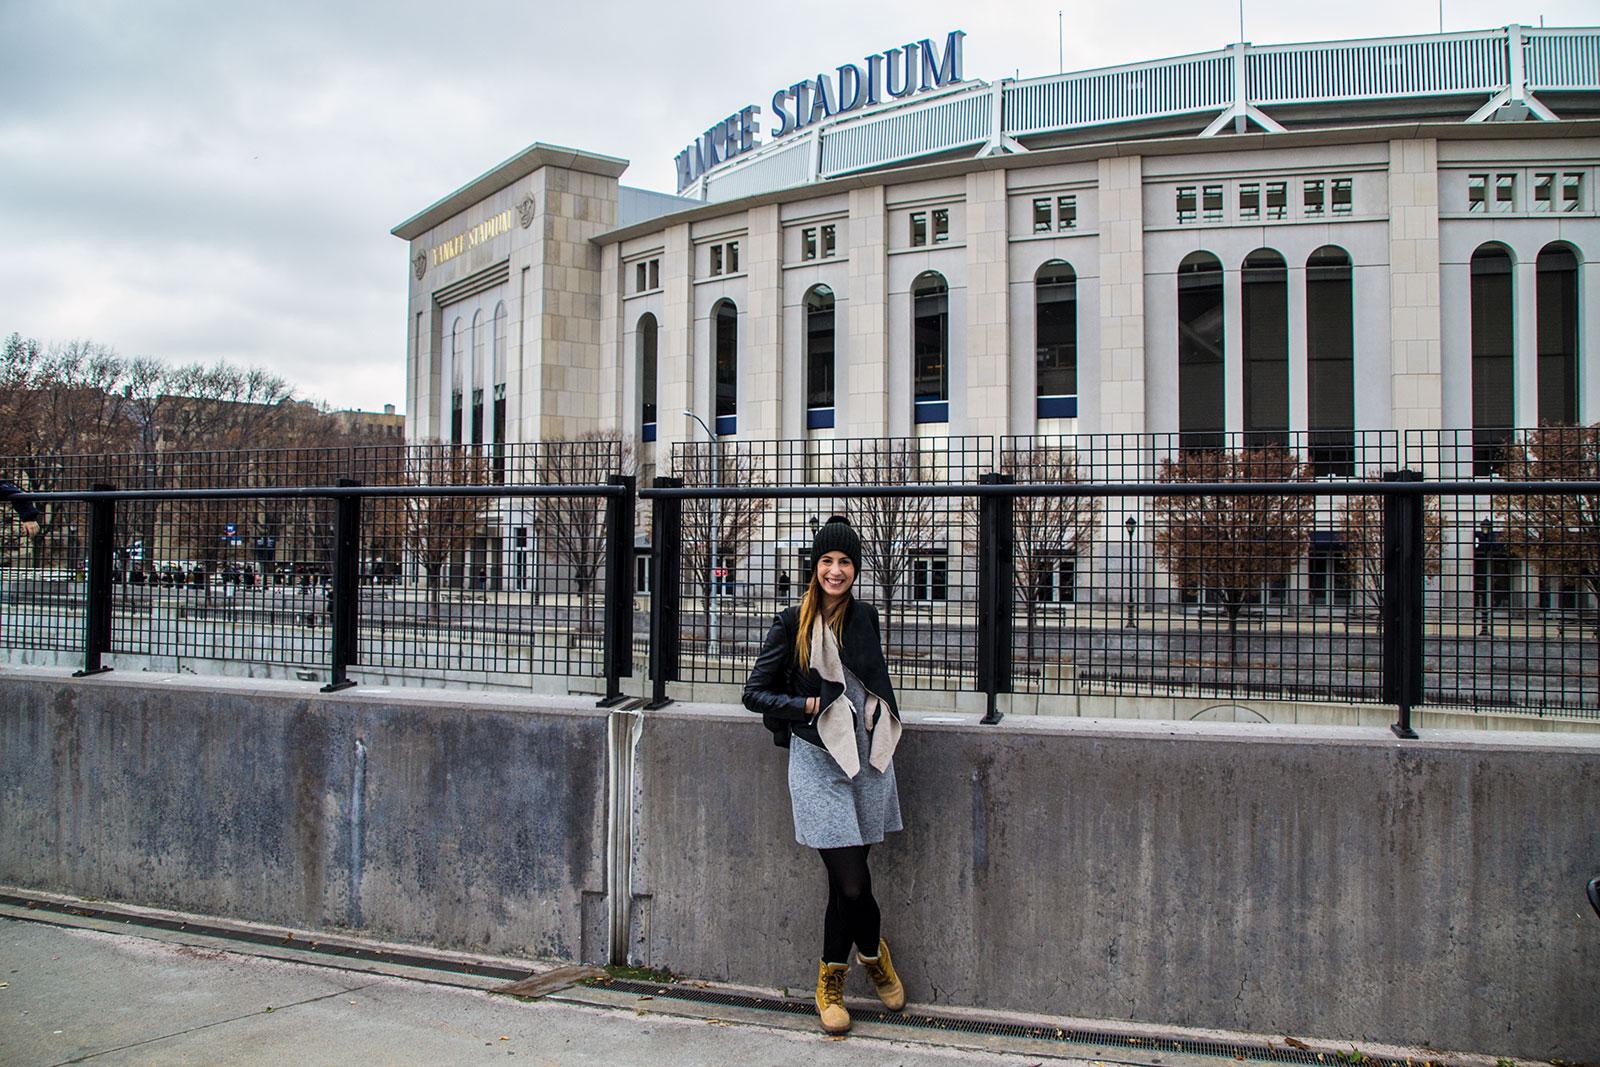 Nerea en el estadio de los Yankees - excursiones desde Nueva York